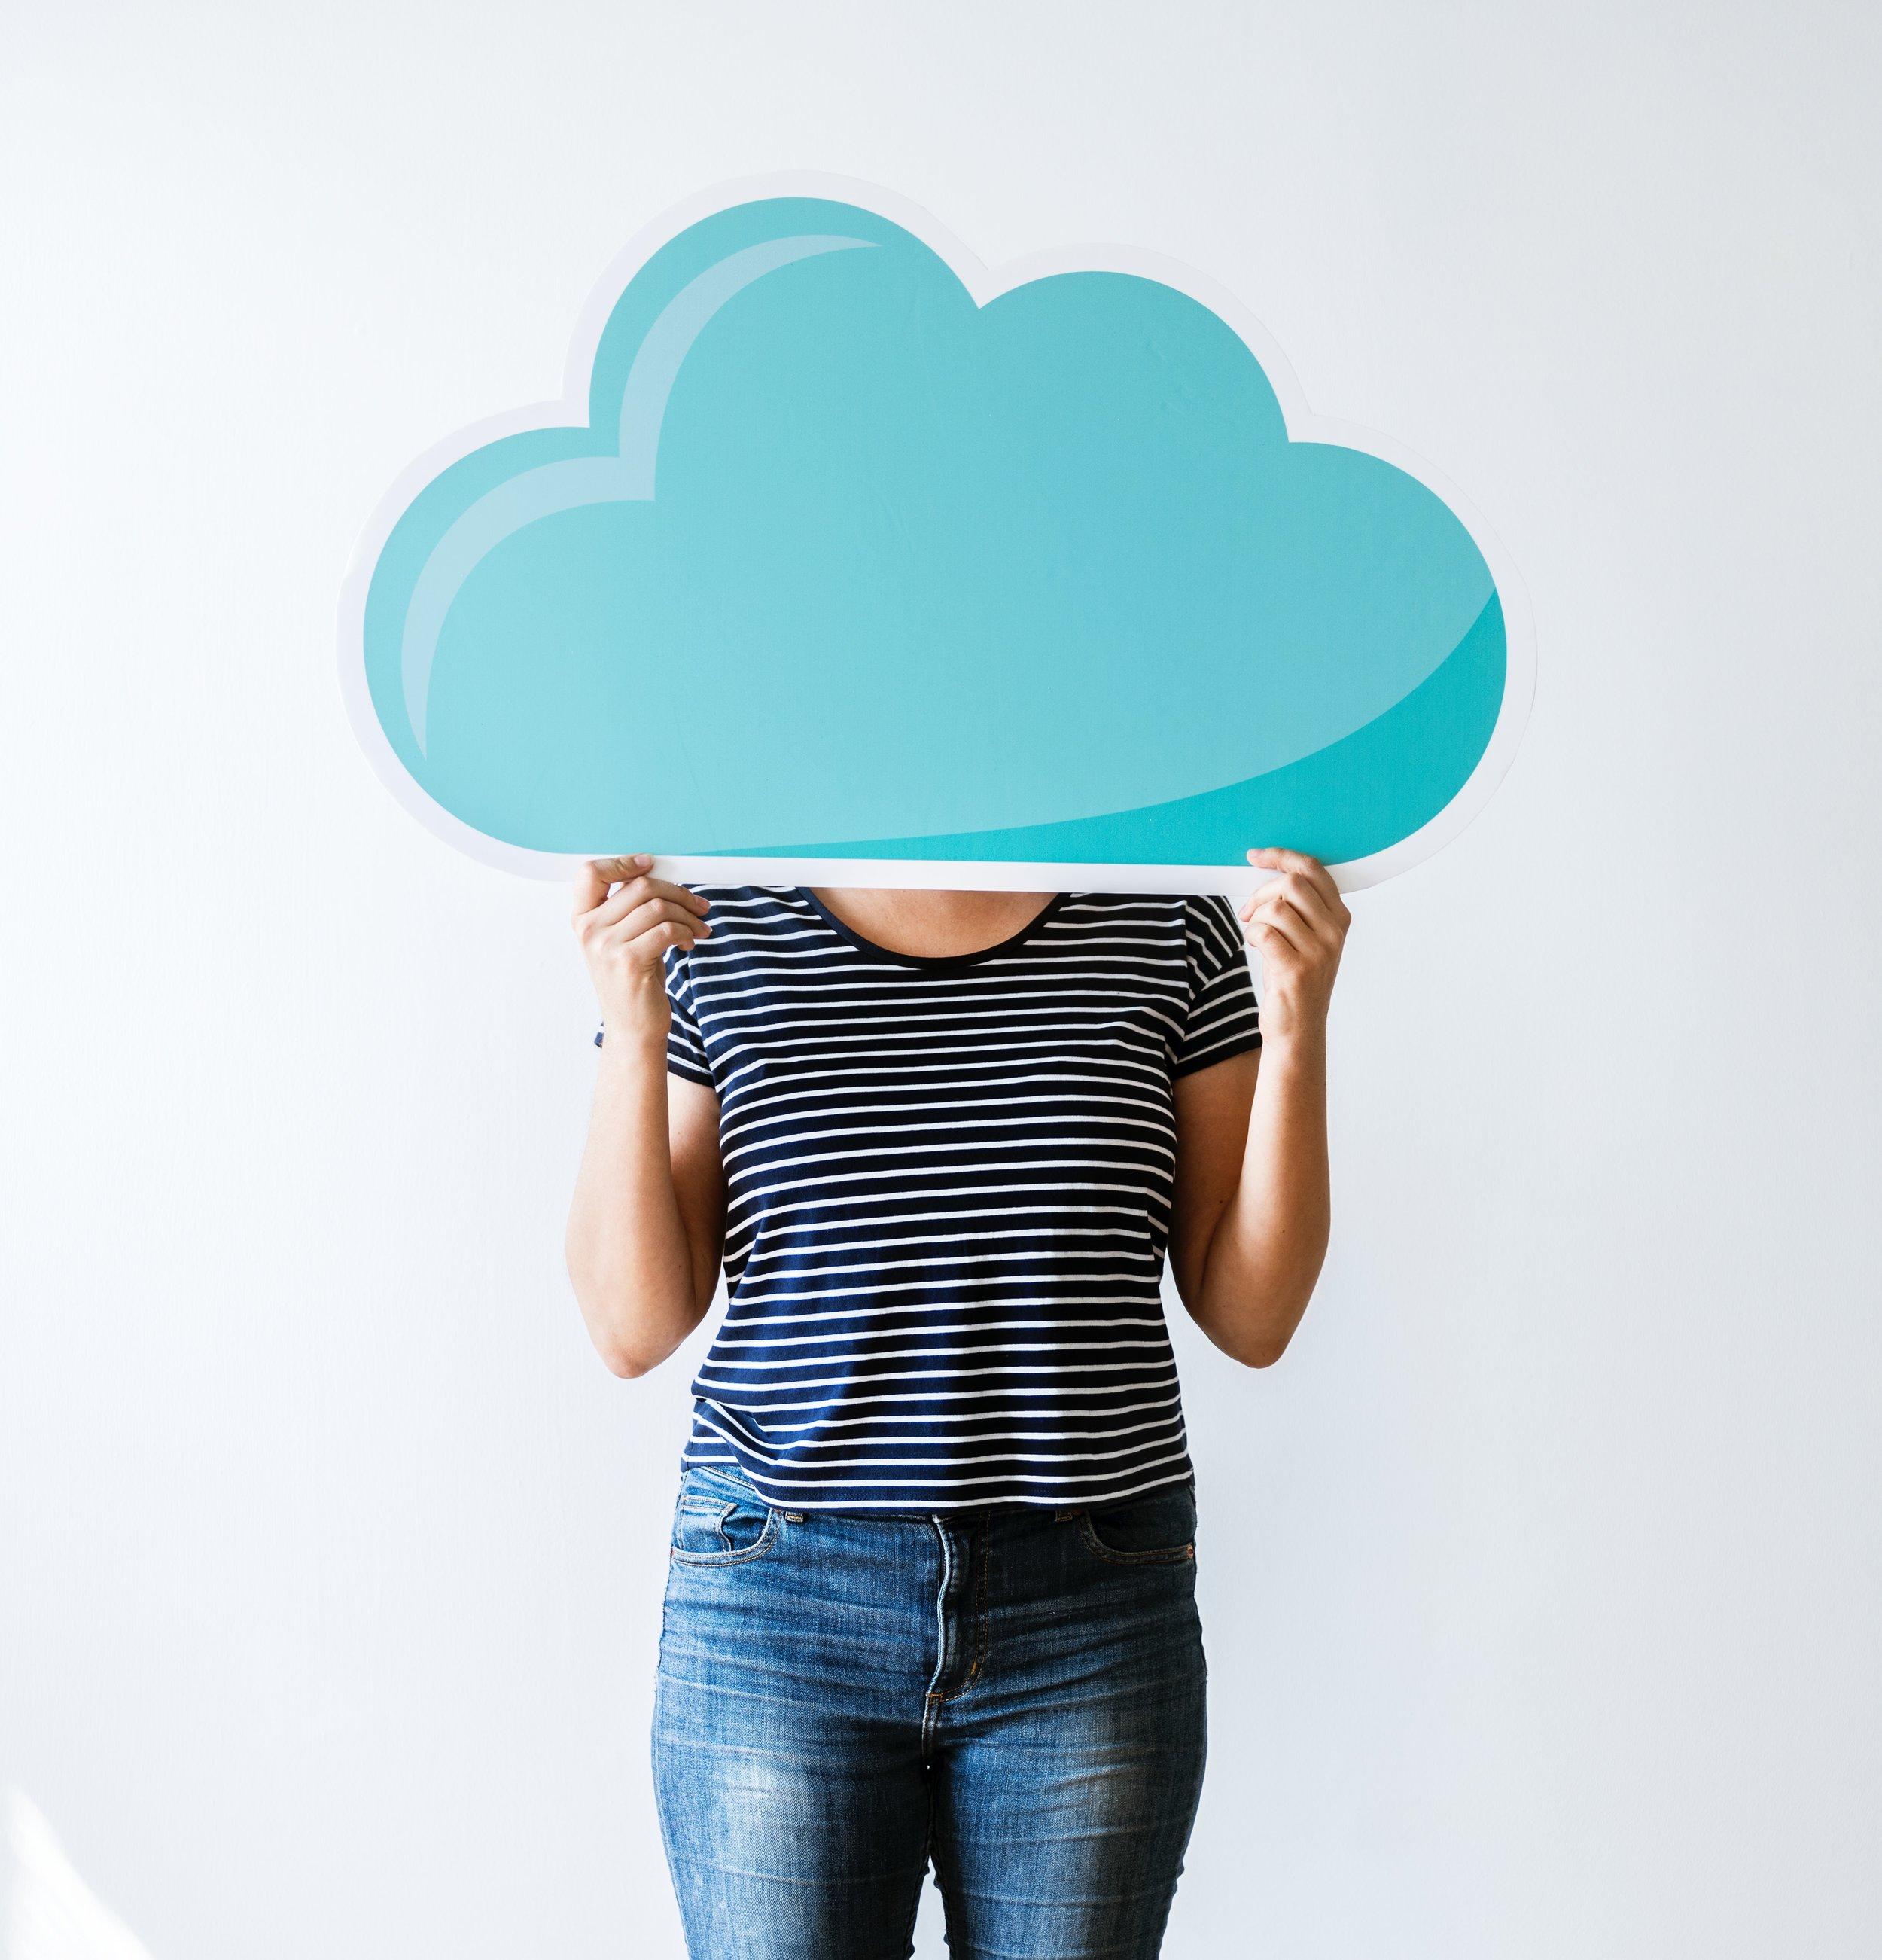 IT Career Skills Series: Cloud Architect